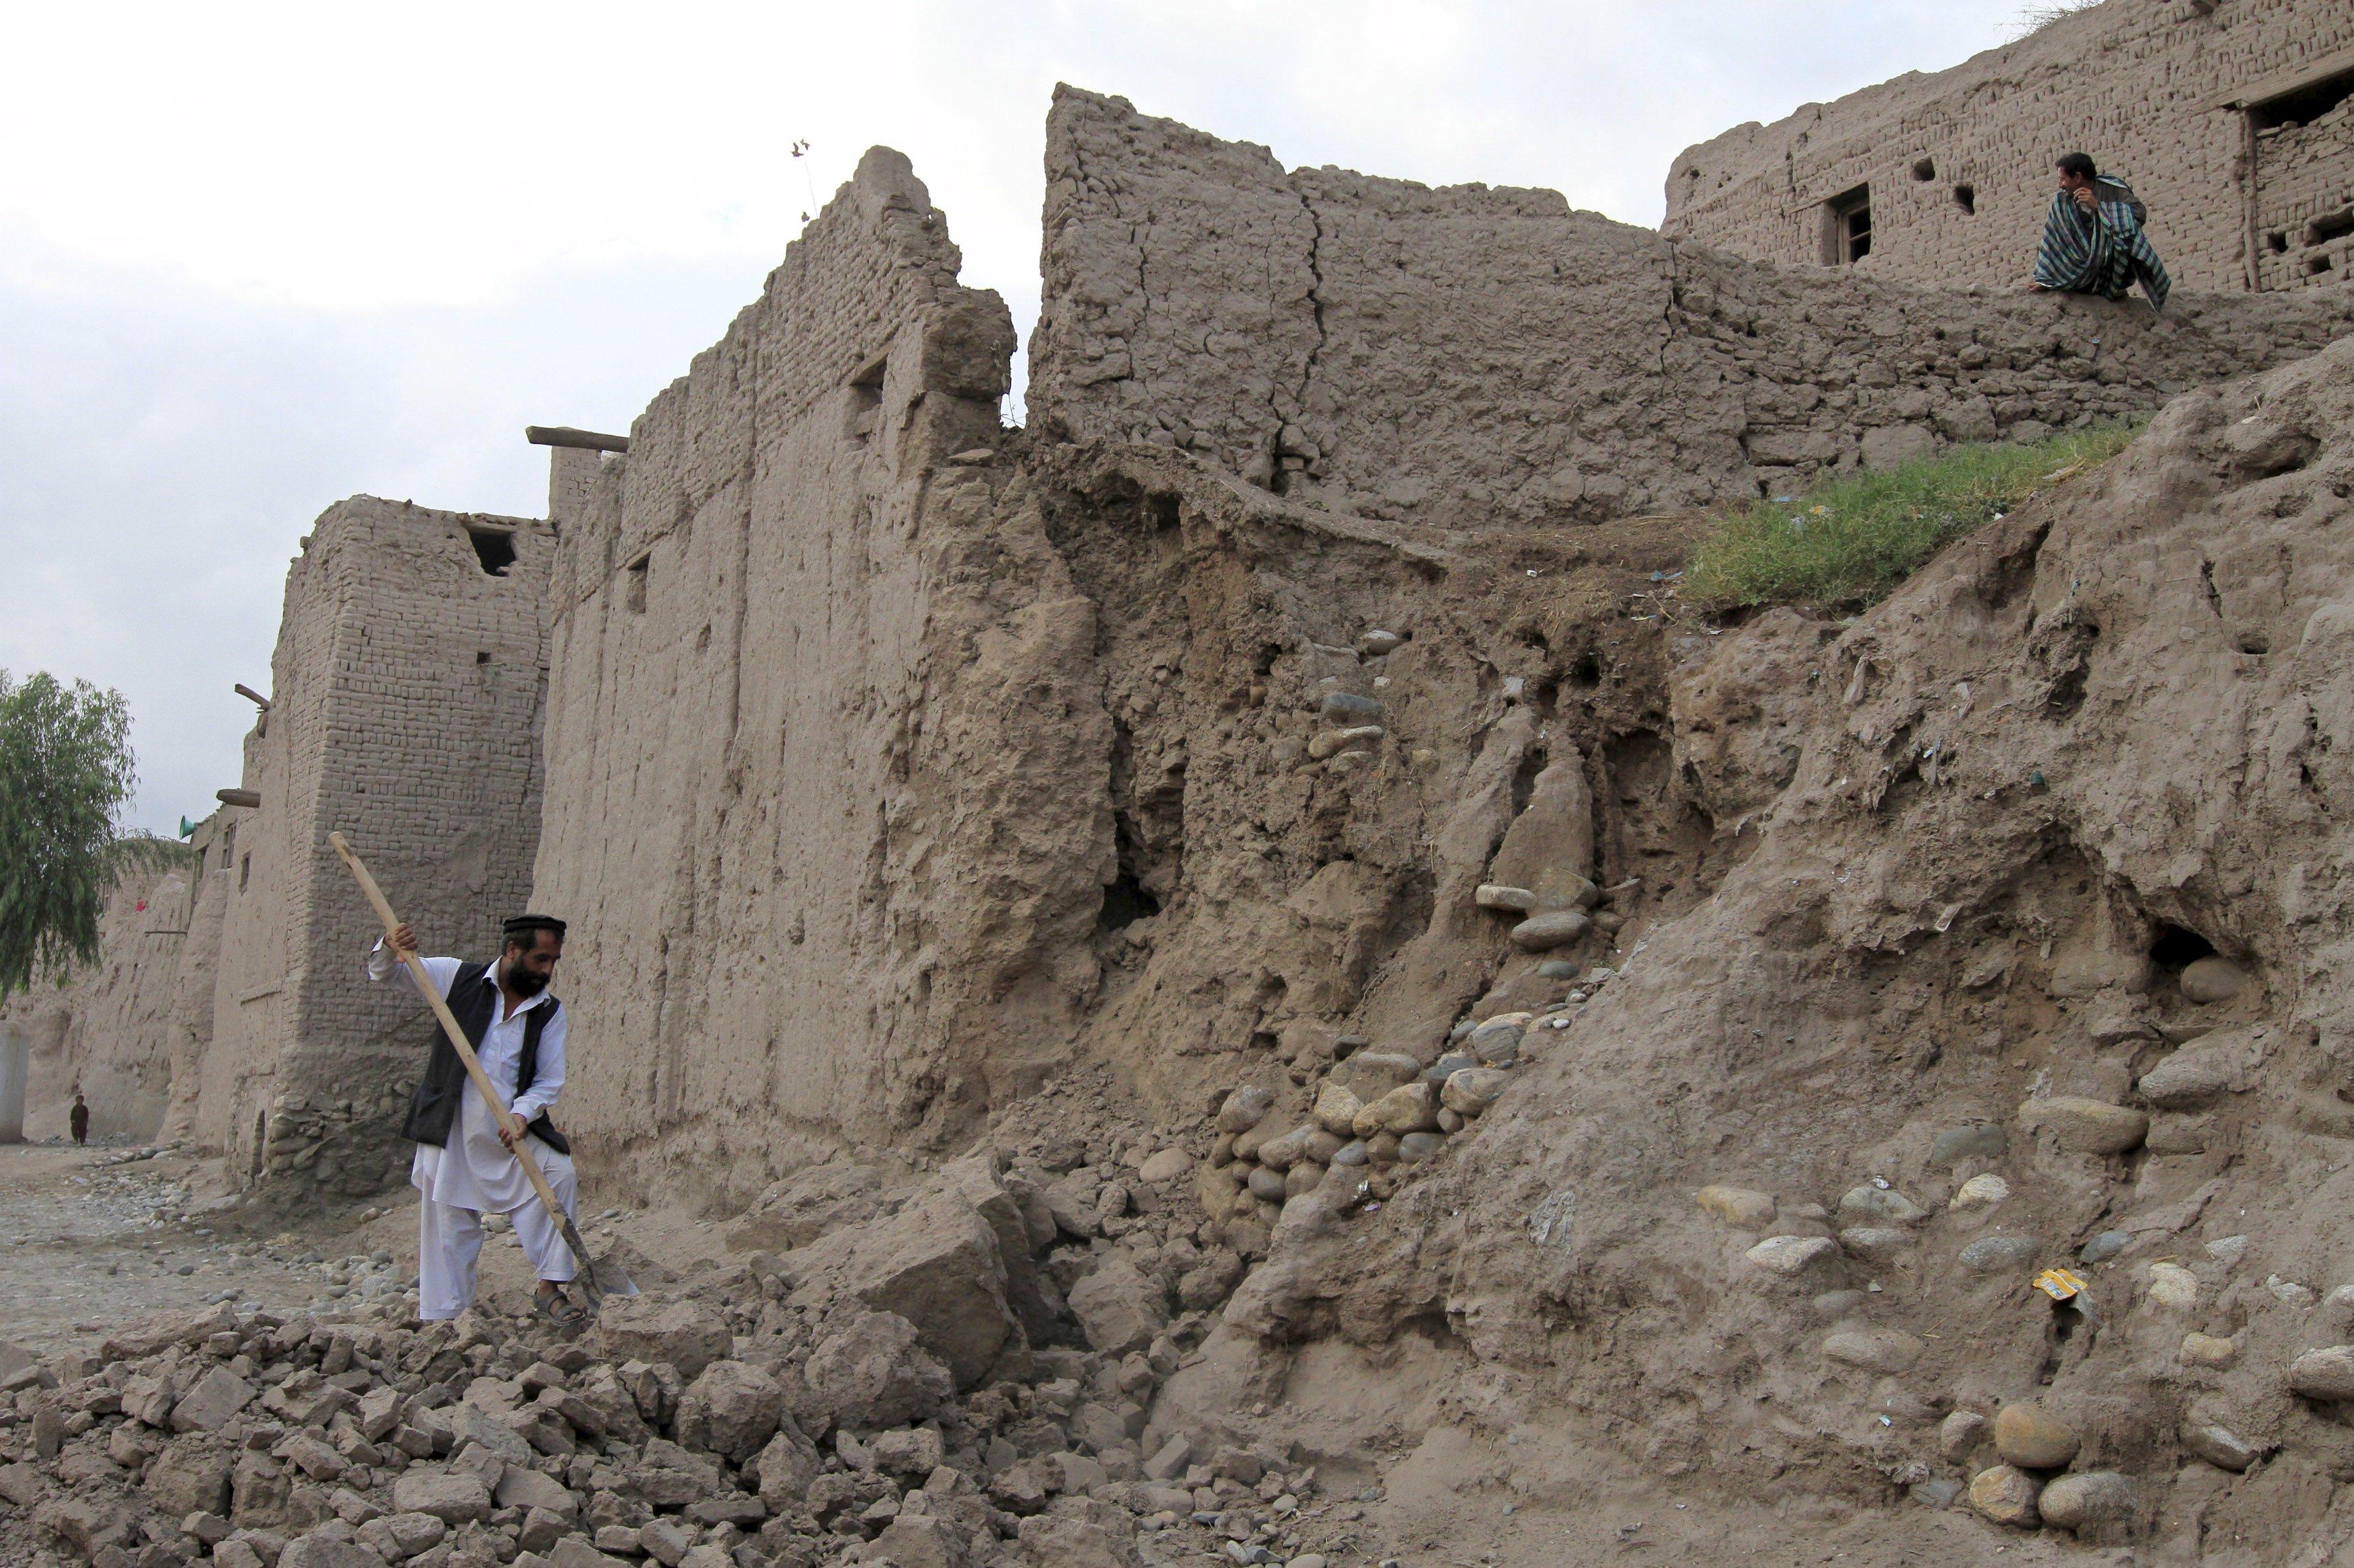 Seorang pria membersihkan reruntuhan setelah sebagian dari rumahnya hancur saat gempa, di sebuah rumah sakit di Jalalabad, Afganistan, Senin (26/10). Gempa kuat terjadi di sebuah daerah terpencil timur laut Afganistan pada hari Senin, mengguncang ibukota Kabul, dan getaran juga dirasakan di India bagian utara dan di ibukota Pakistan, dimana ratusan orang berhamburan keluar dari gedung saat tanah dibawah mereka bergerak. REUTERS/Parwiz.